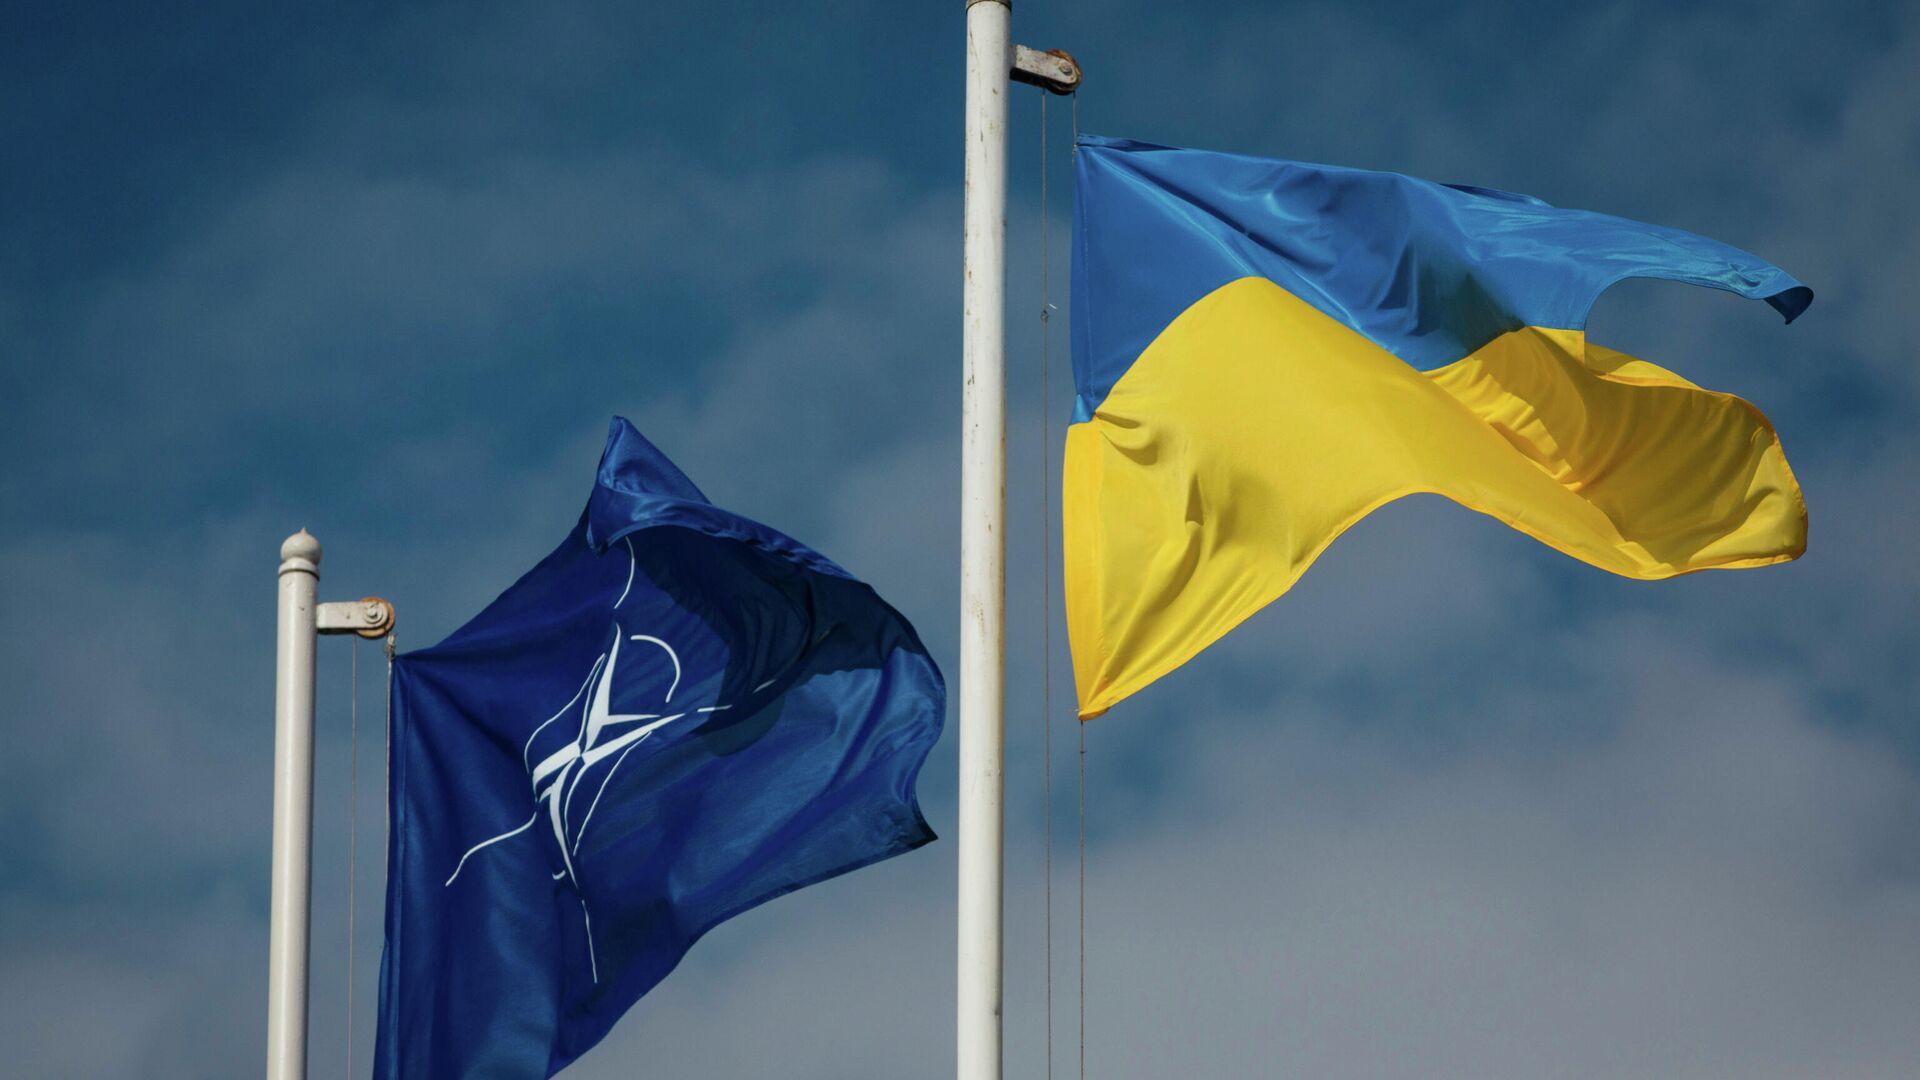 Национальный флаг Украины и флаг Организации Североатлантического договора (НАТО) - Sputnik Латвия, 1920, 07.09.2021